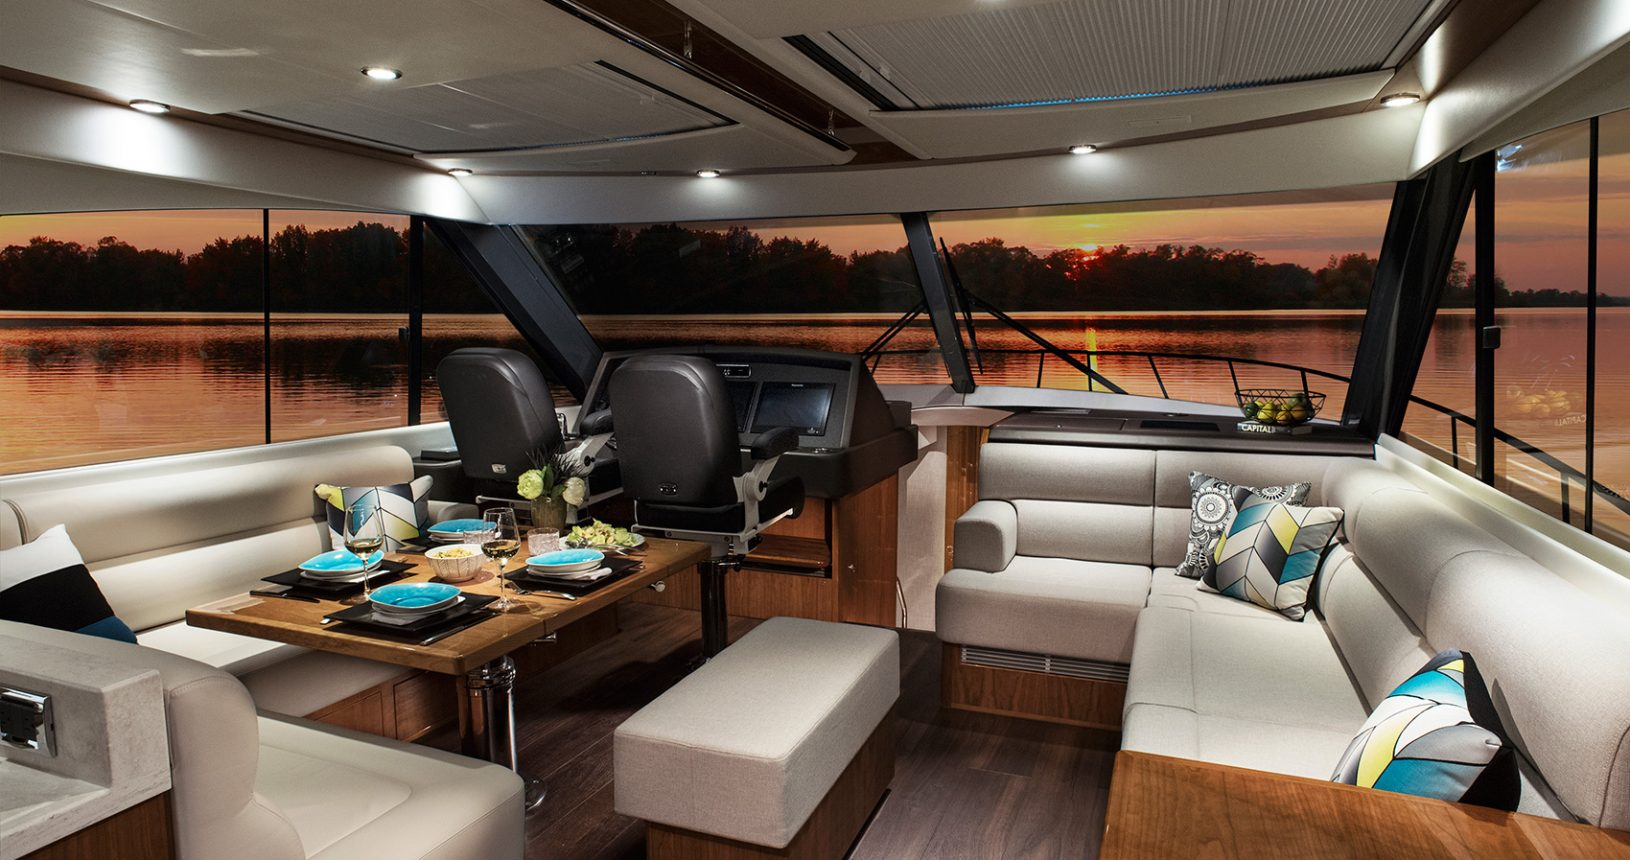 Riviera 575 SUV for Sale - Salon